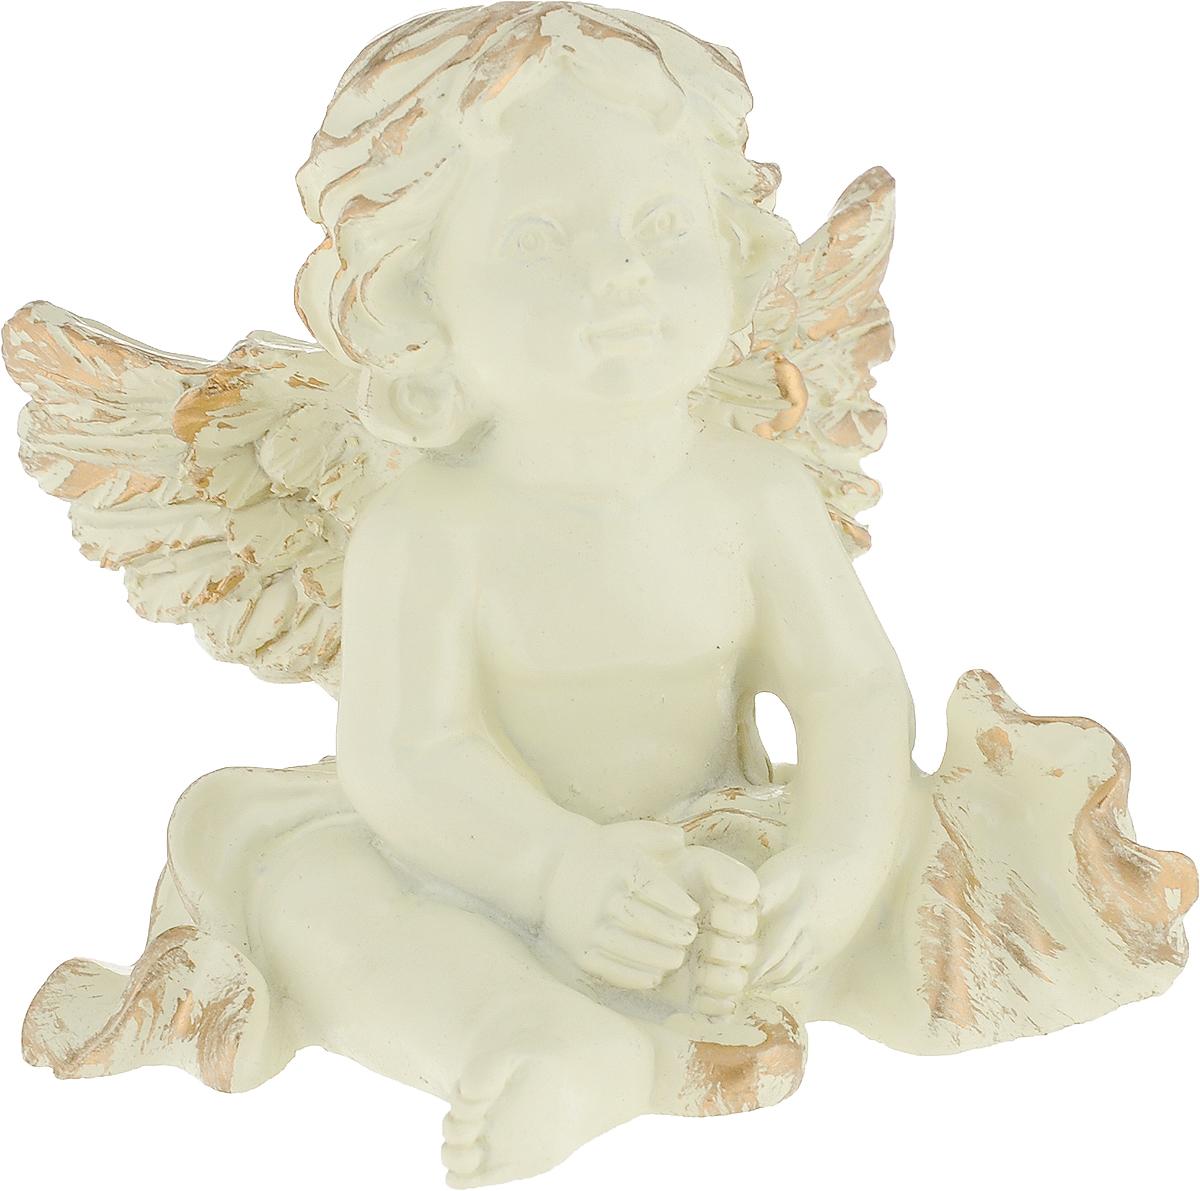 Фигурка декоративная Magic Home Ангелок, цвет: слоновая кость, золотой, 8,2 х 7 х 4,6 см75432Декоративная фигурка Ангелок из полирезина от Magic Home - это это прекрасный вариант подарка для ваших друзей и близких. Оригинальная и стильная фигурка станет отличным дополнением в интерьере любой комнаты и будет удачно смотреться и радовать глаз.